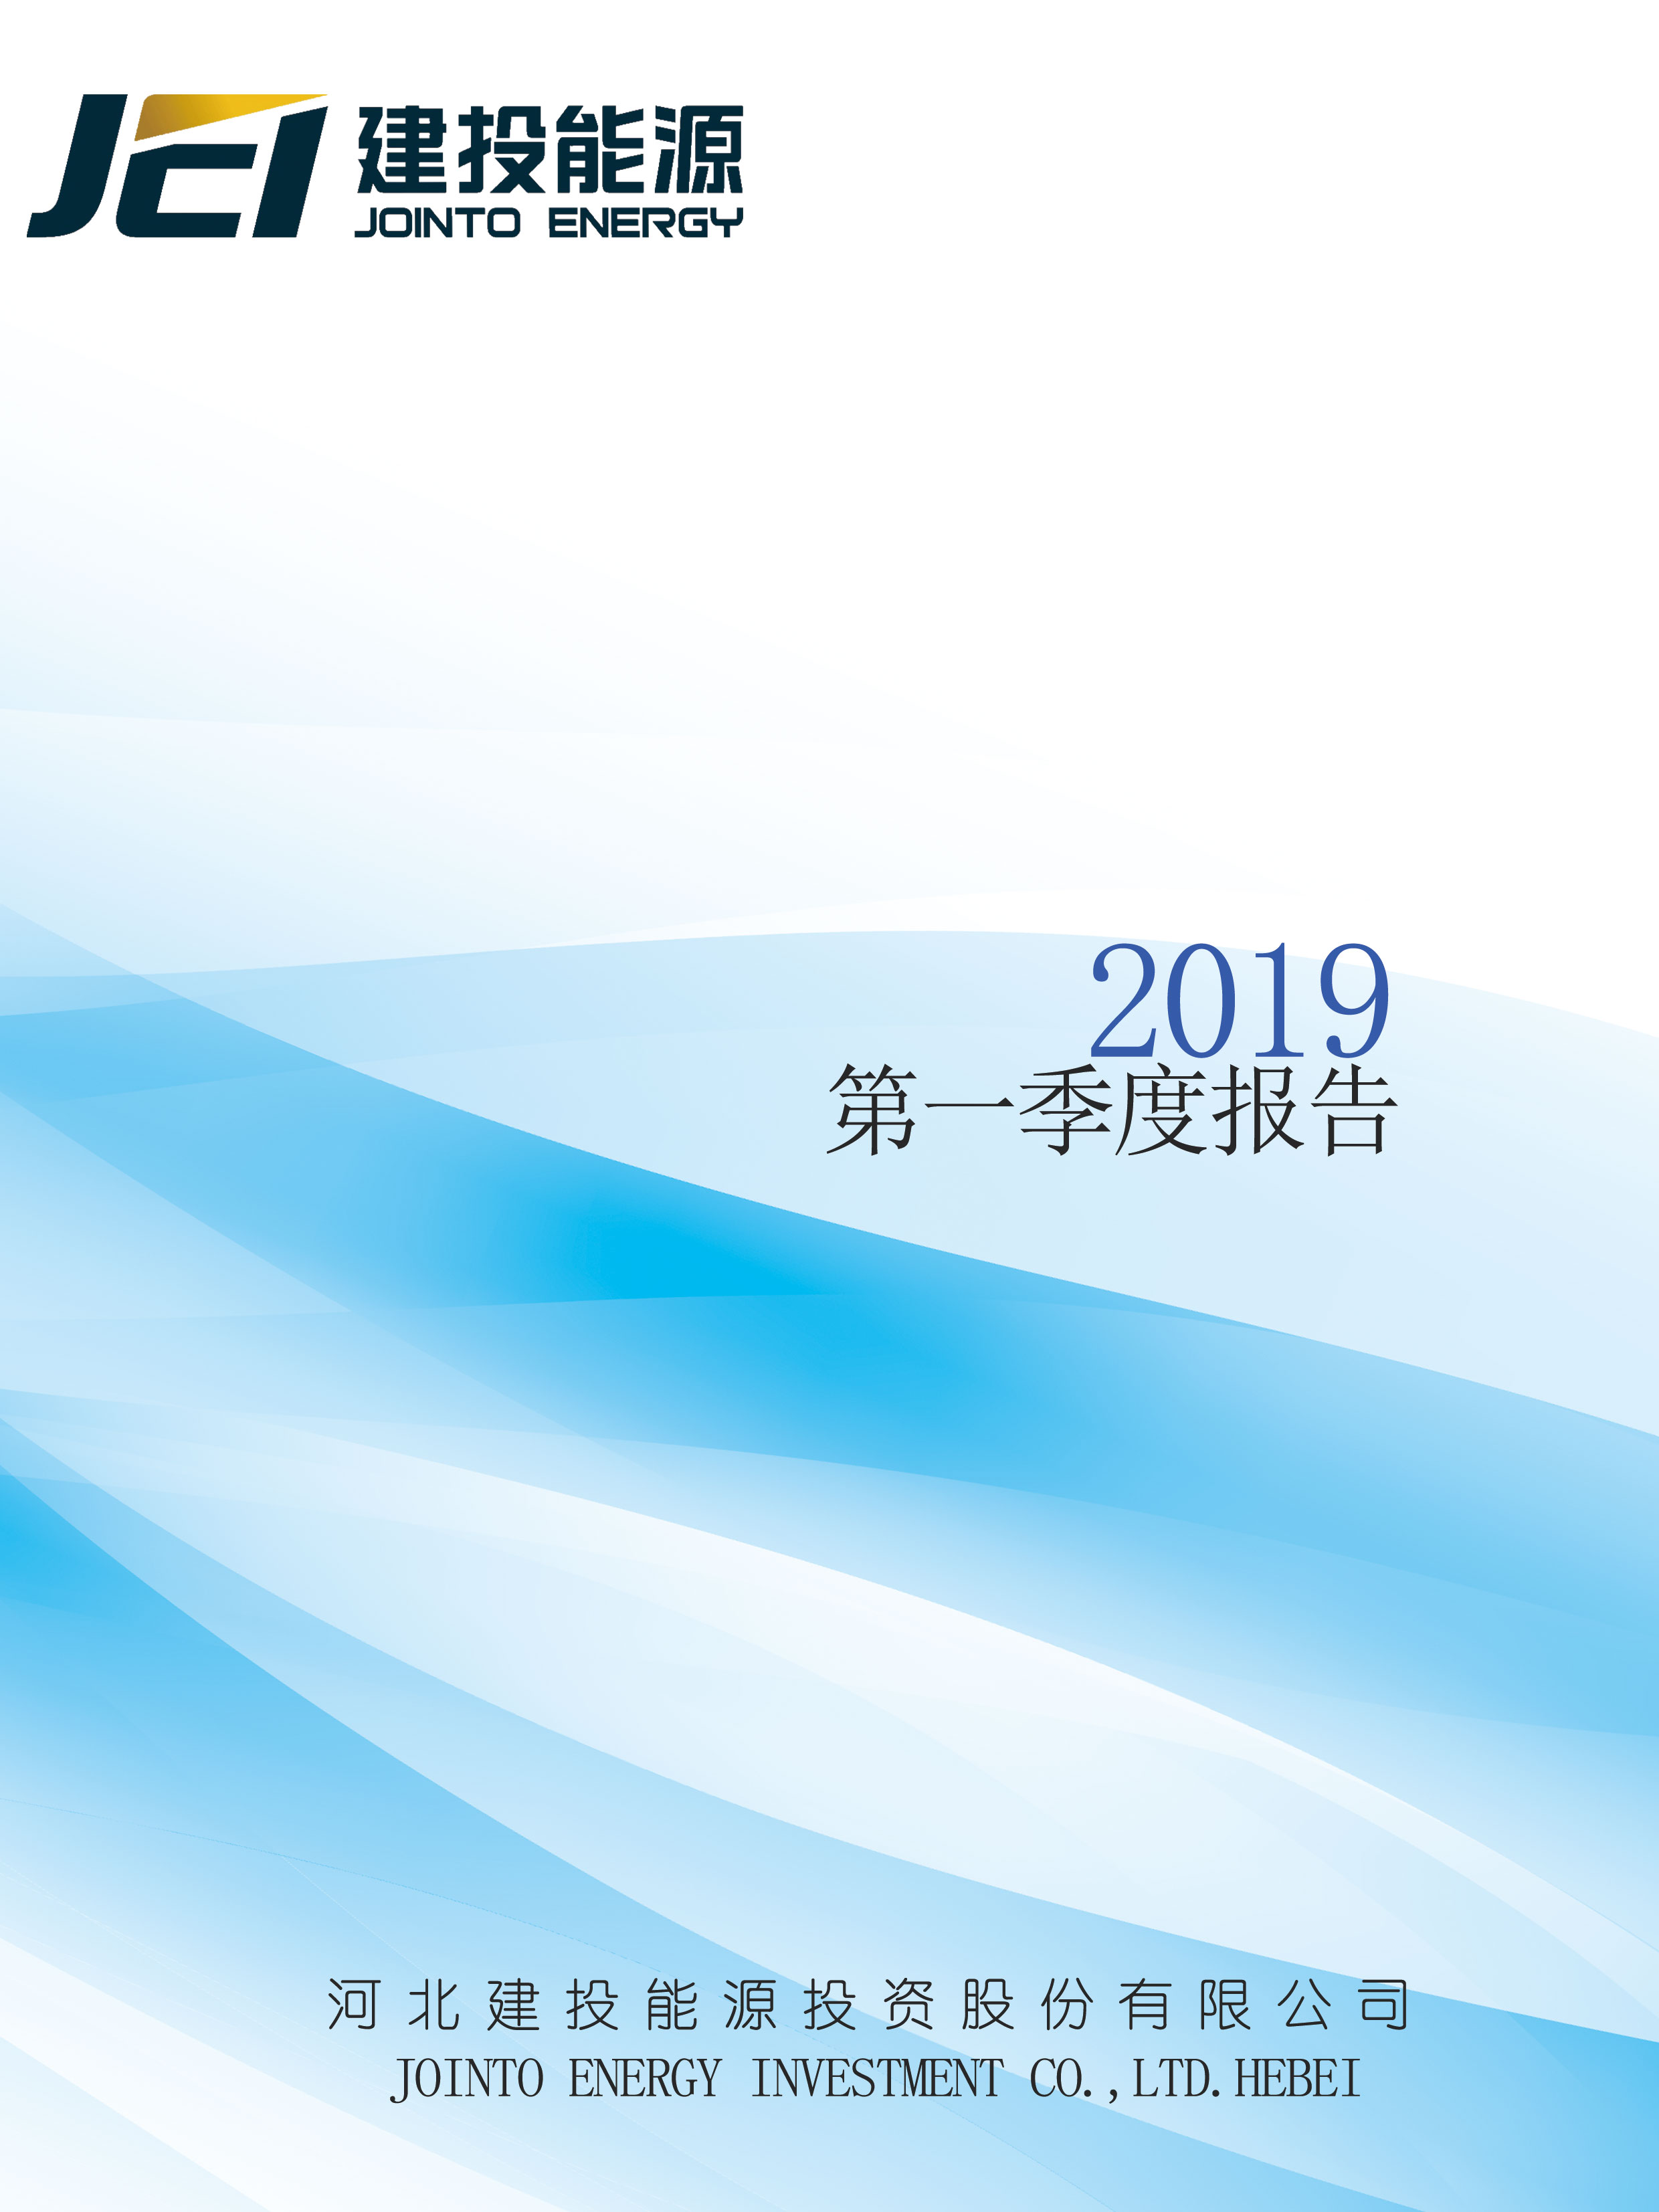 2019年第一季度报告全文